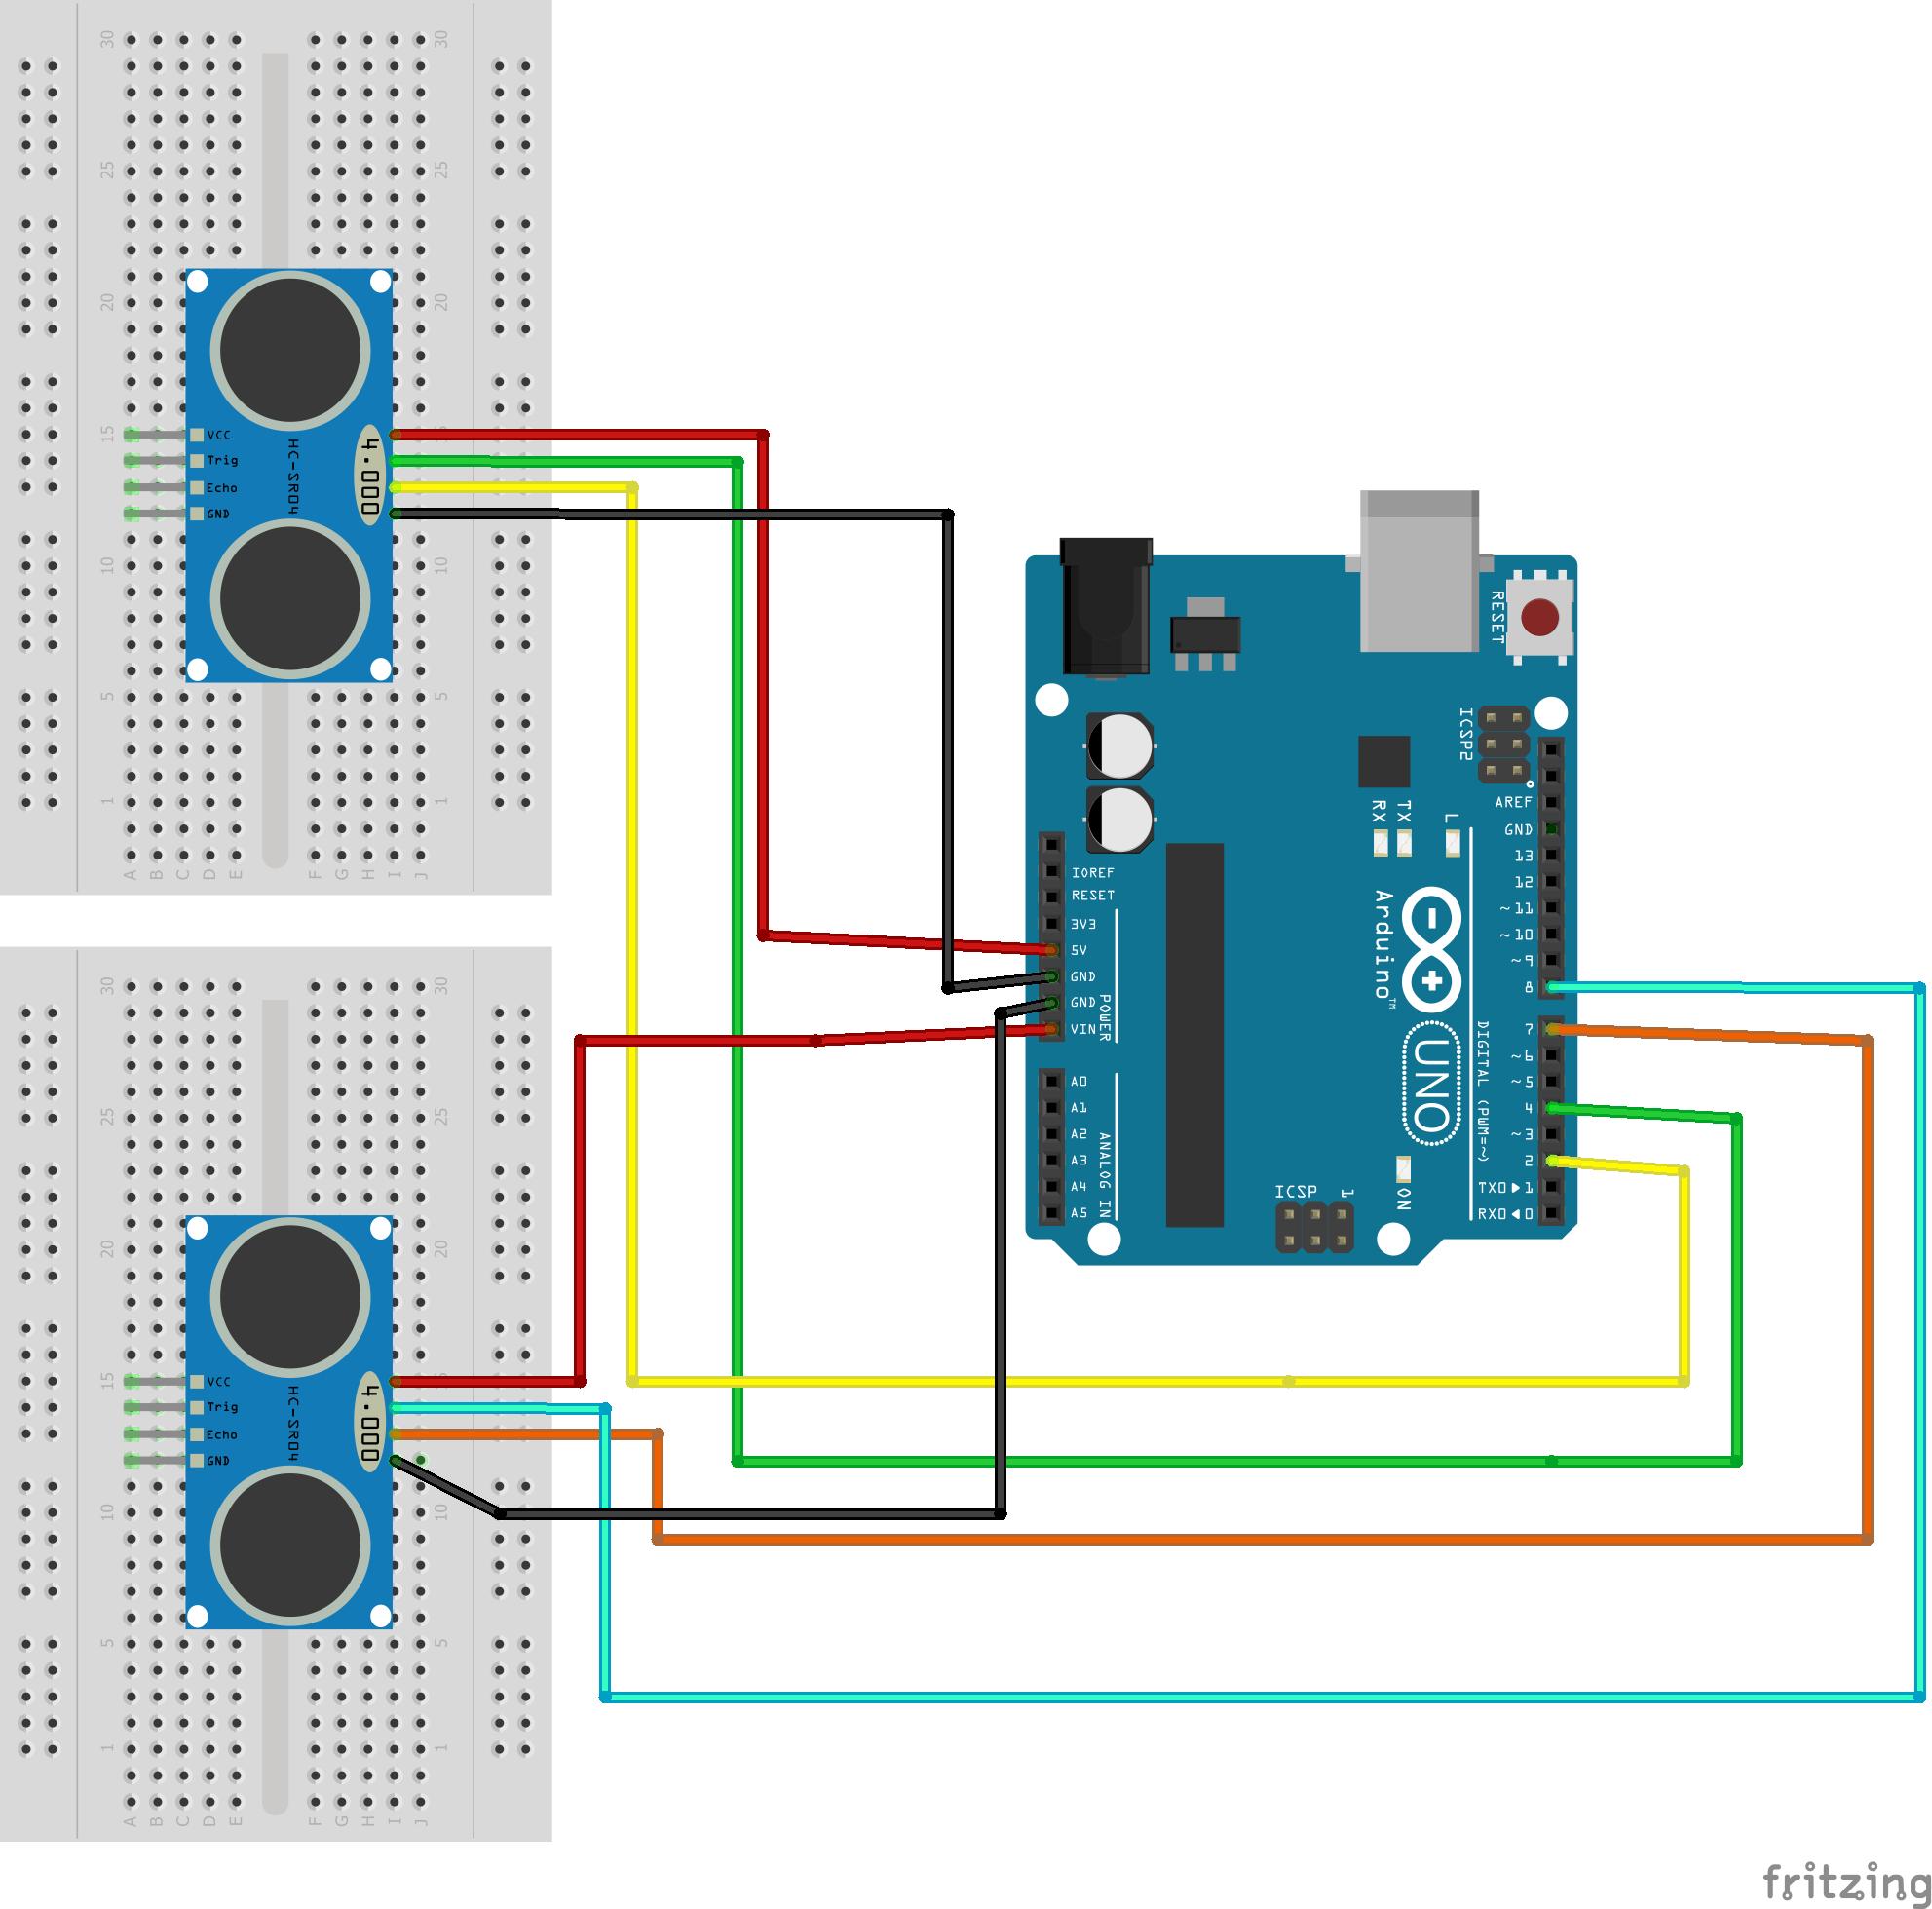 Schema circuitale del Safety Tutor System, collegamenti sensori ad ultrasuoni con Arduino UNO.